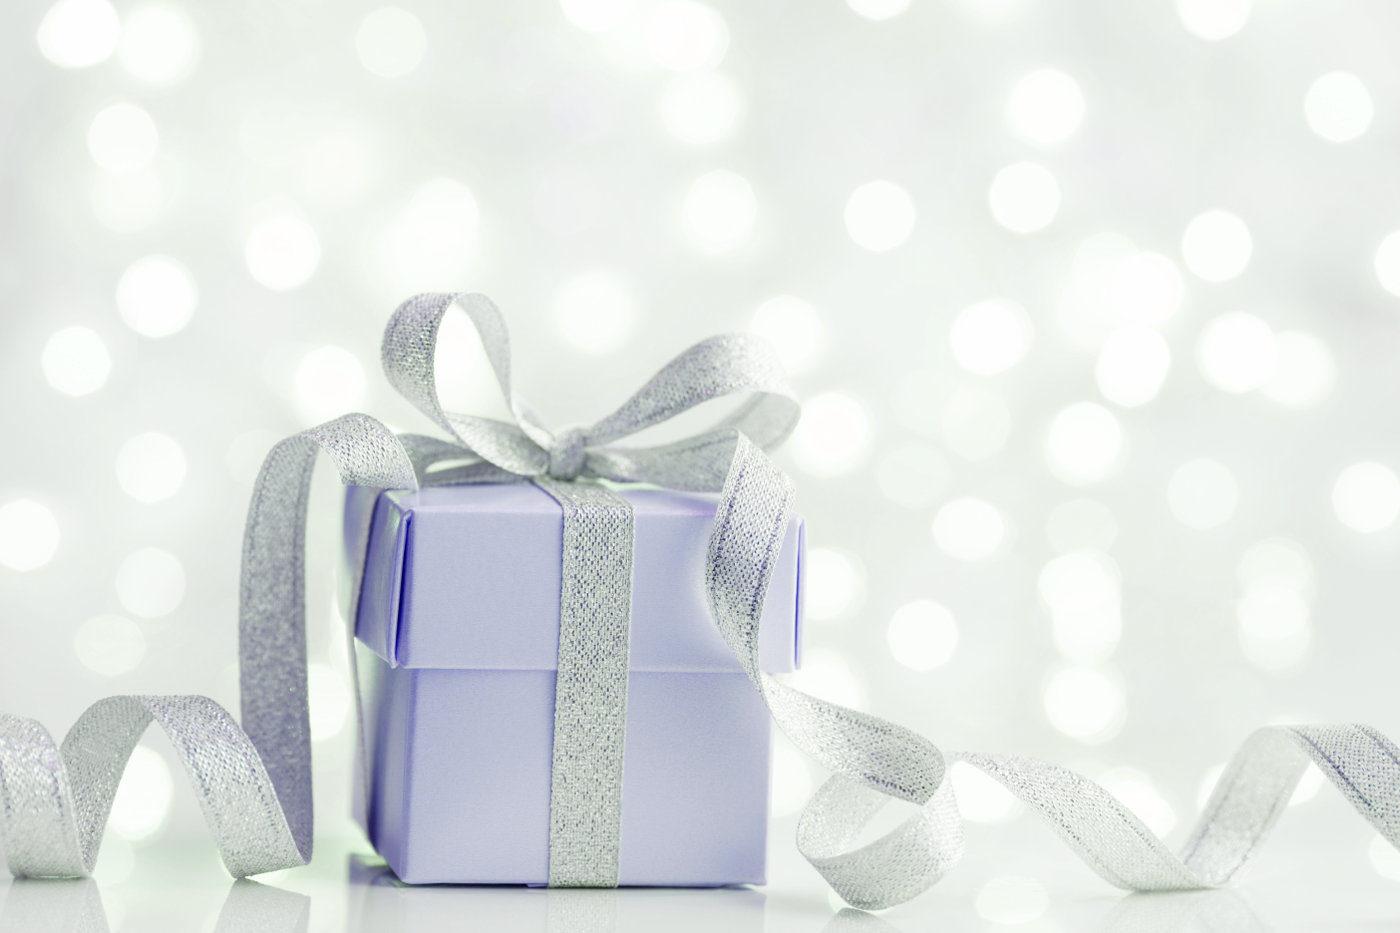 Eltern von freund kennenlernen geschenk